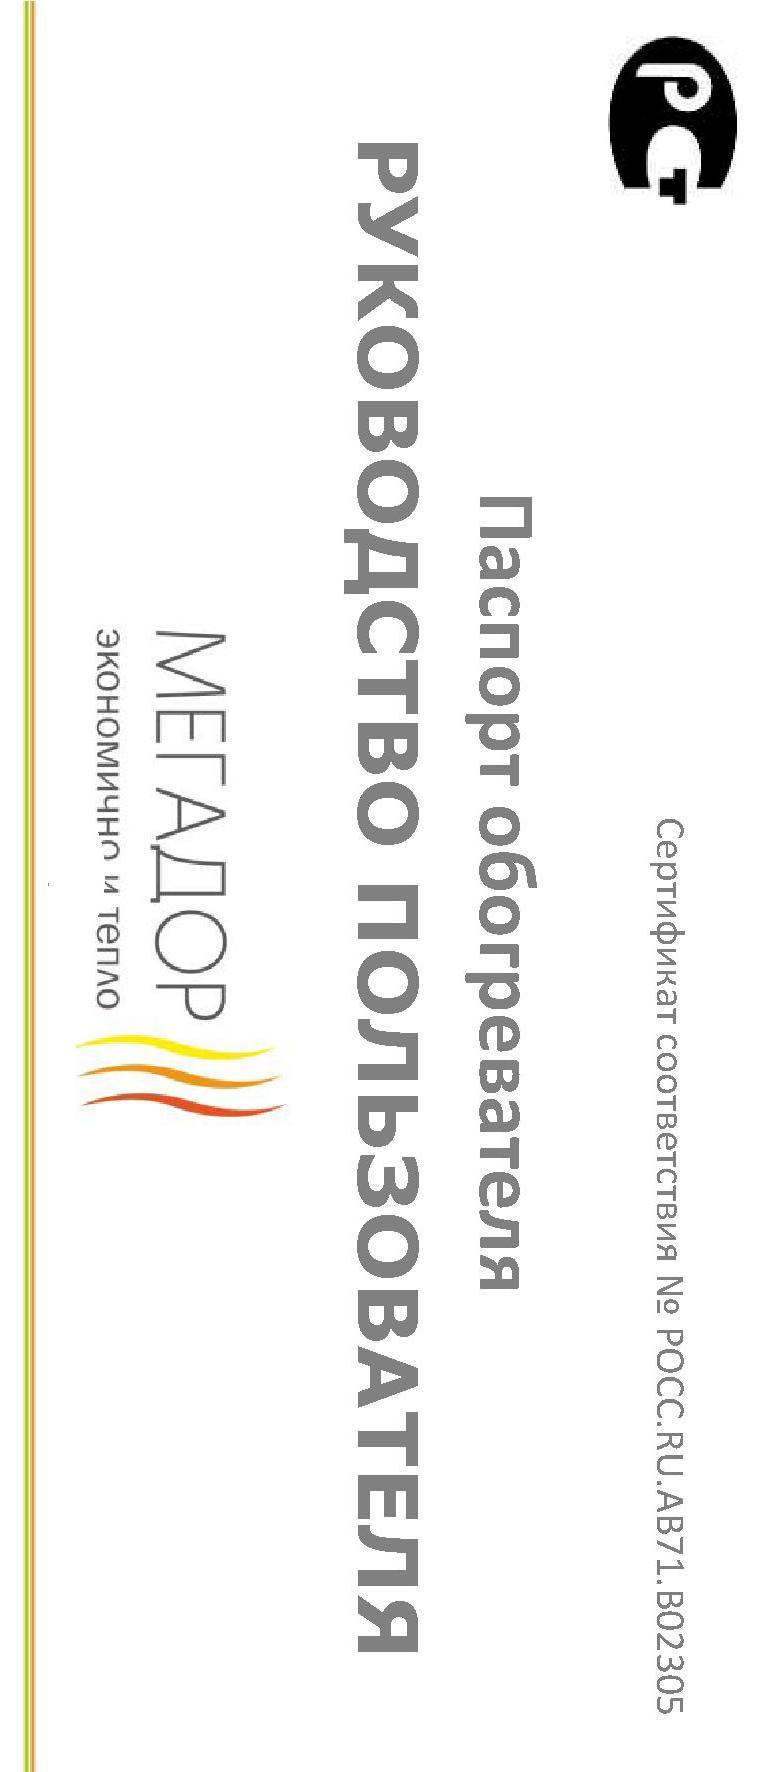 Инструкция на плинтусные обогреватели Мегадор Стандарт - 150 (провод слева)